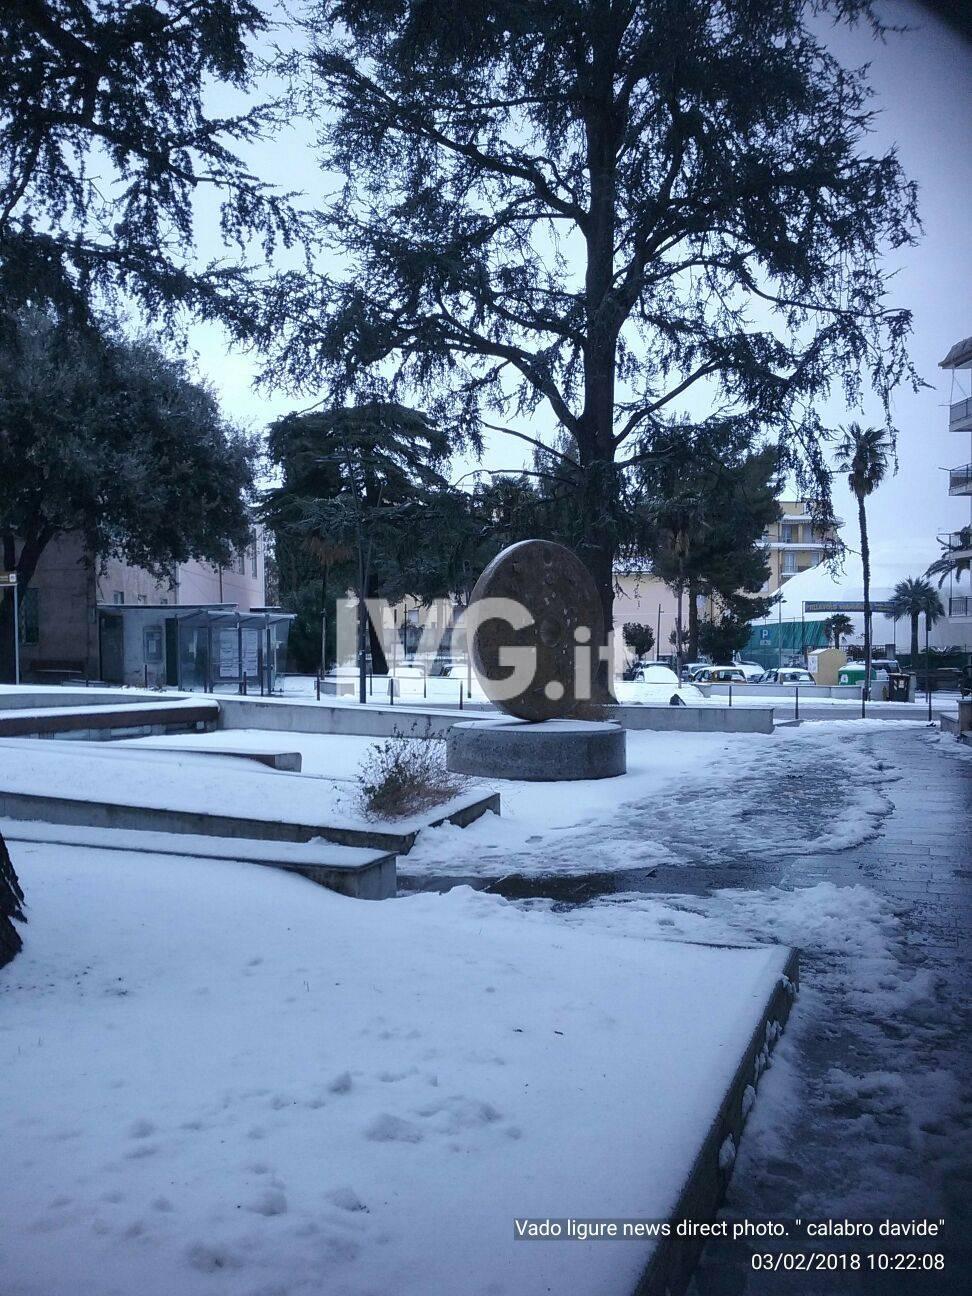 Le immagini della nevicata del 2 marzo